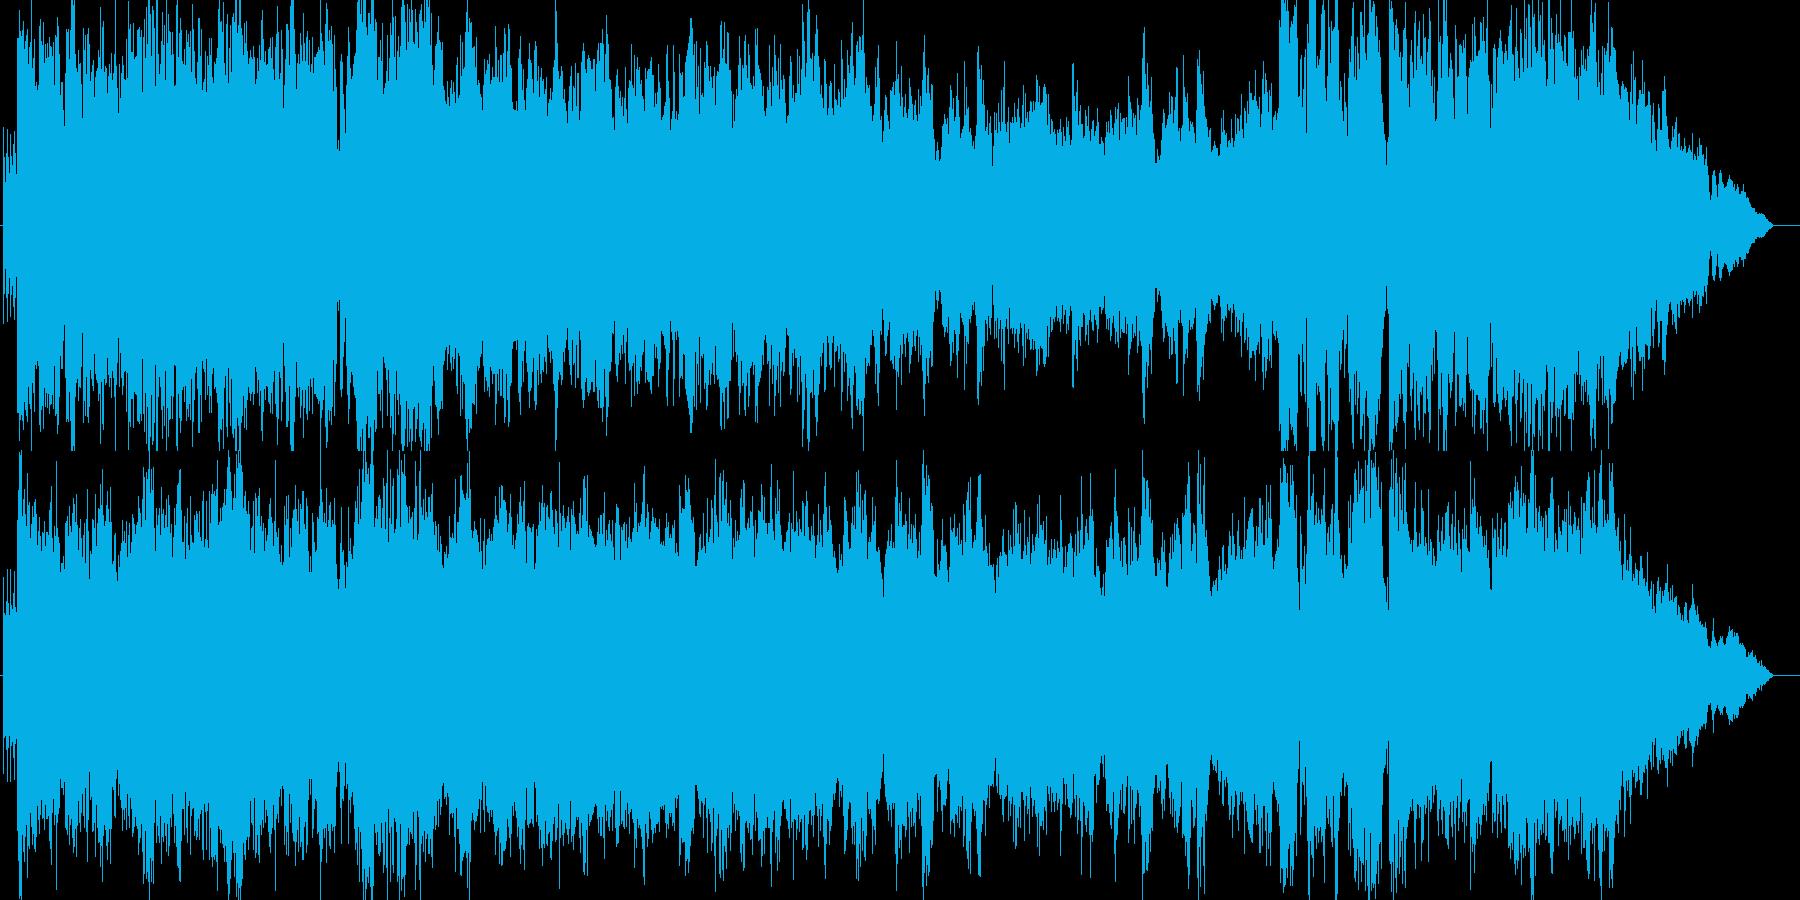 西洋風のお城をイメージしたオーケストラ曲の再生済みの波形